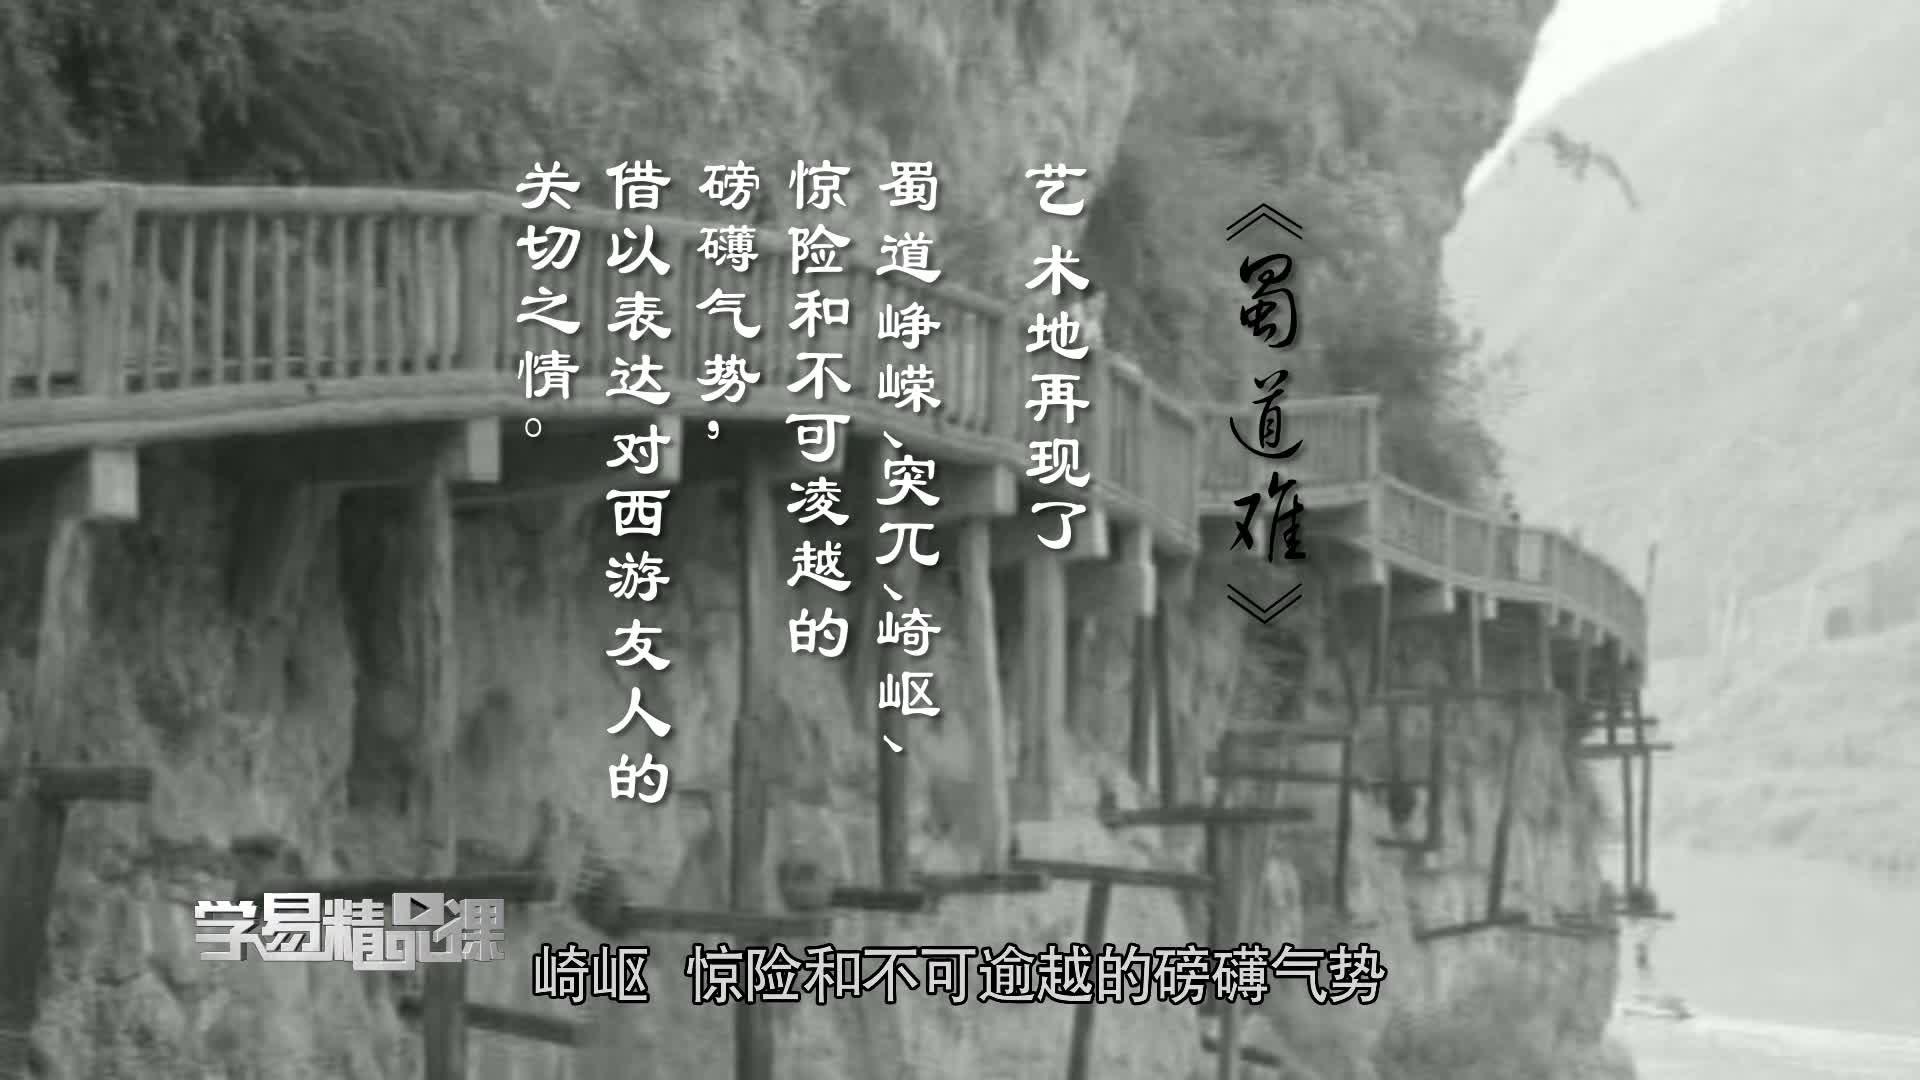 名句名篇默写 第六讲 唐代李白、杜甫诗歌默写